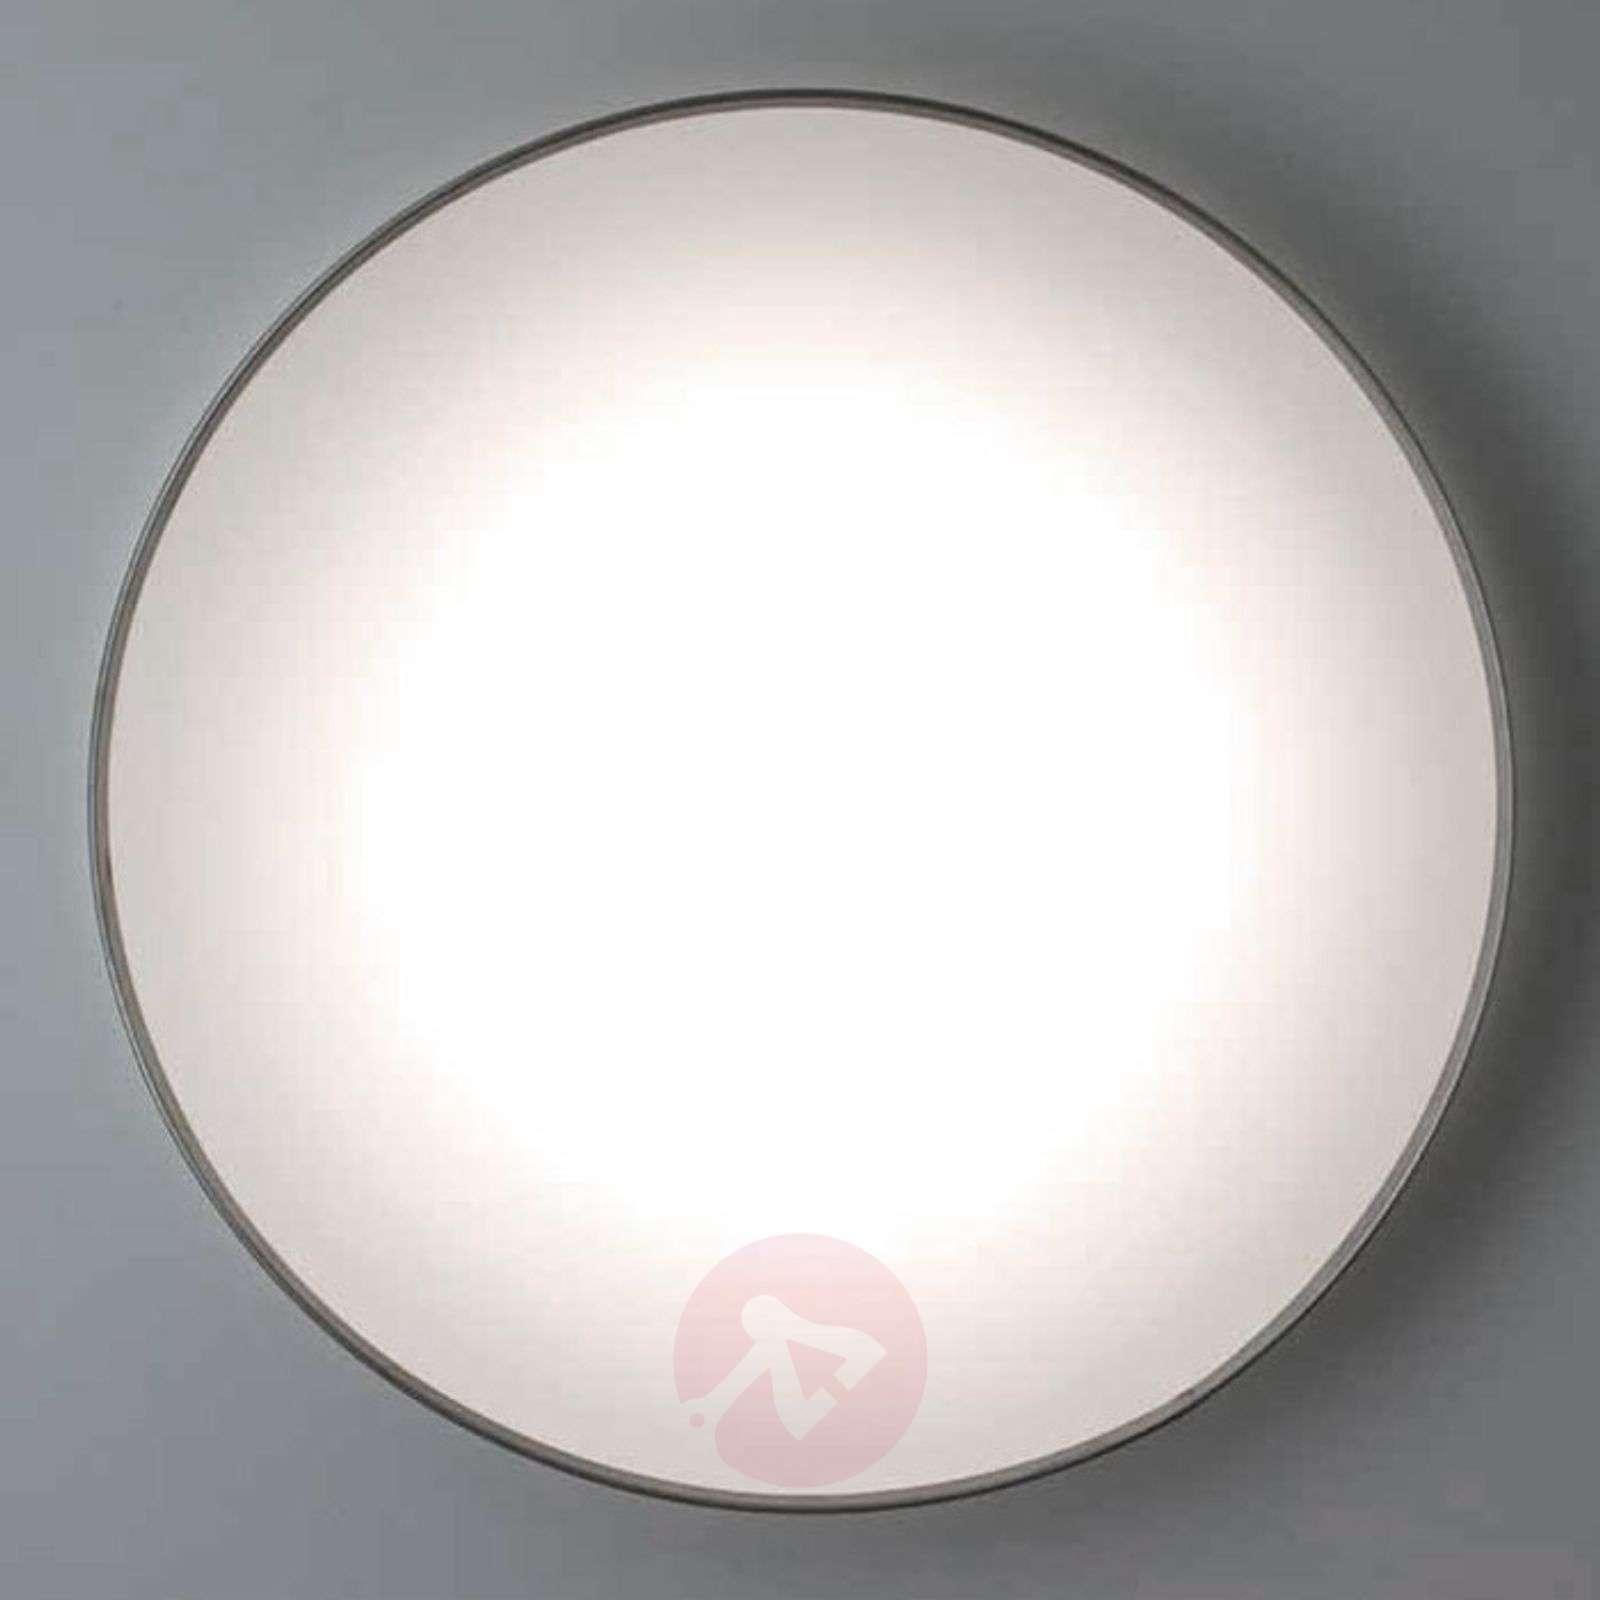 LED-kattovalaisin SUN 4 ruostumatonta terästä-1018192X-01